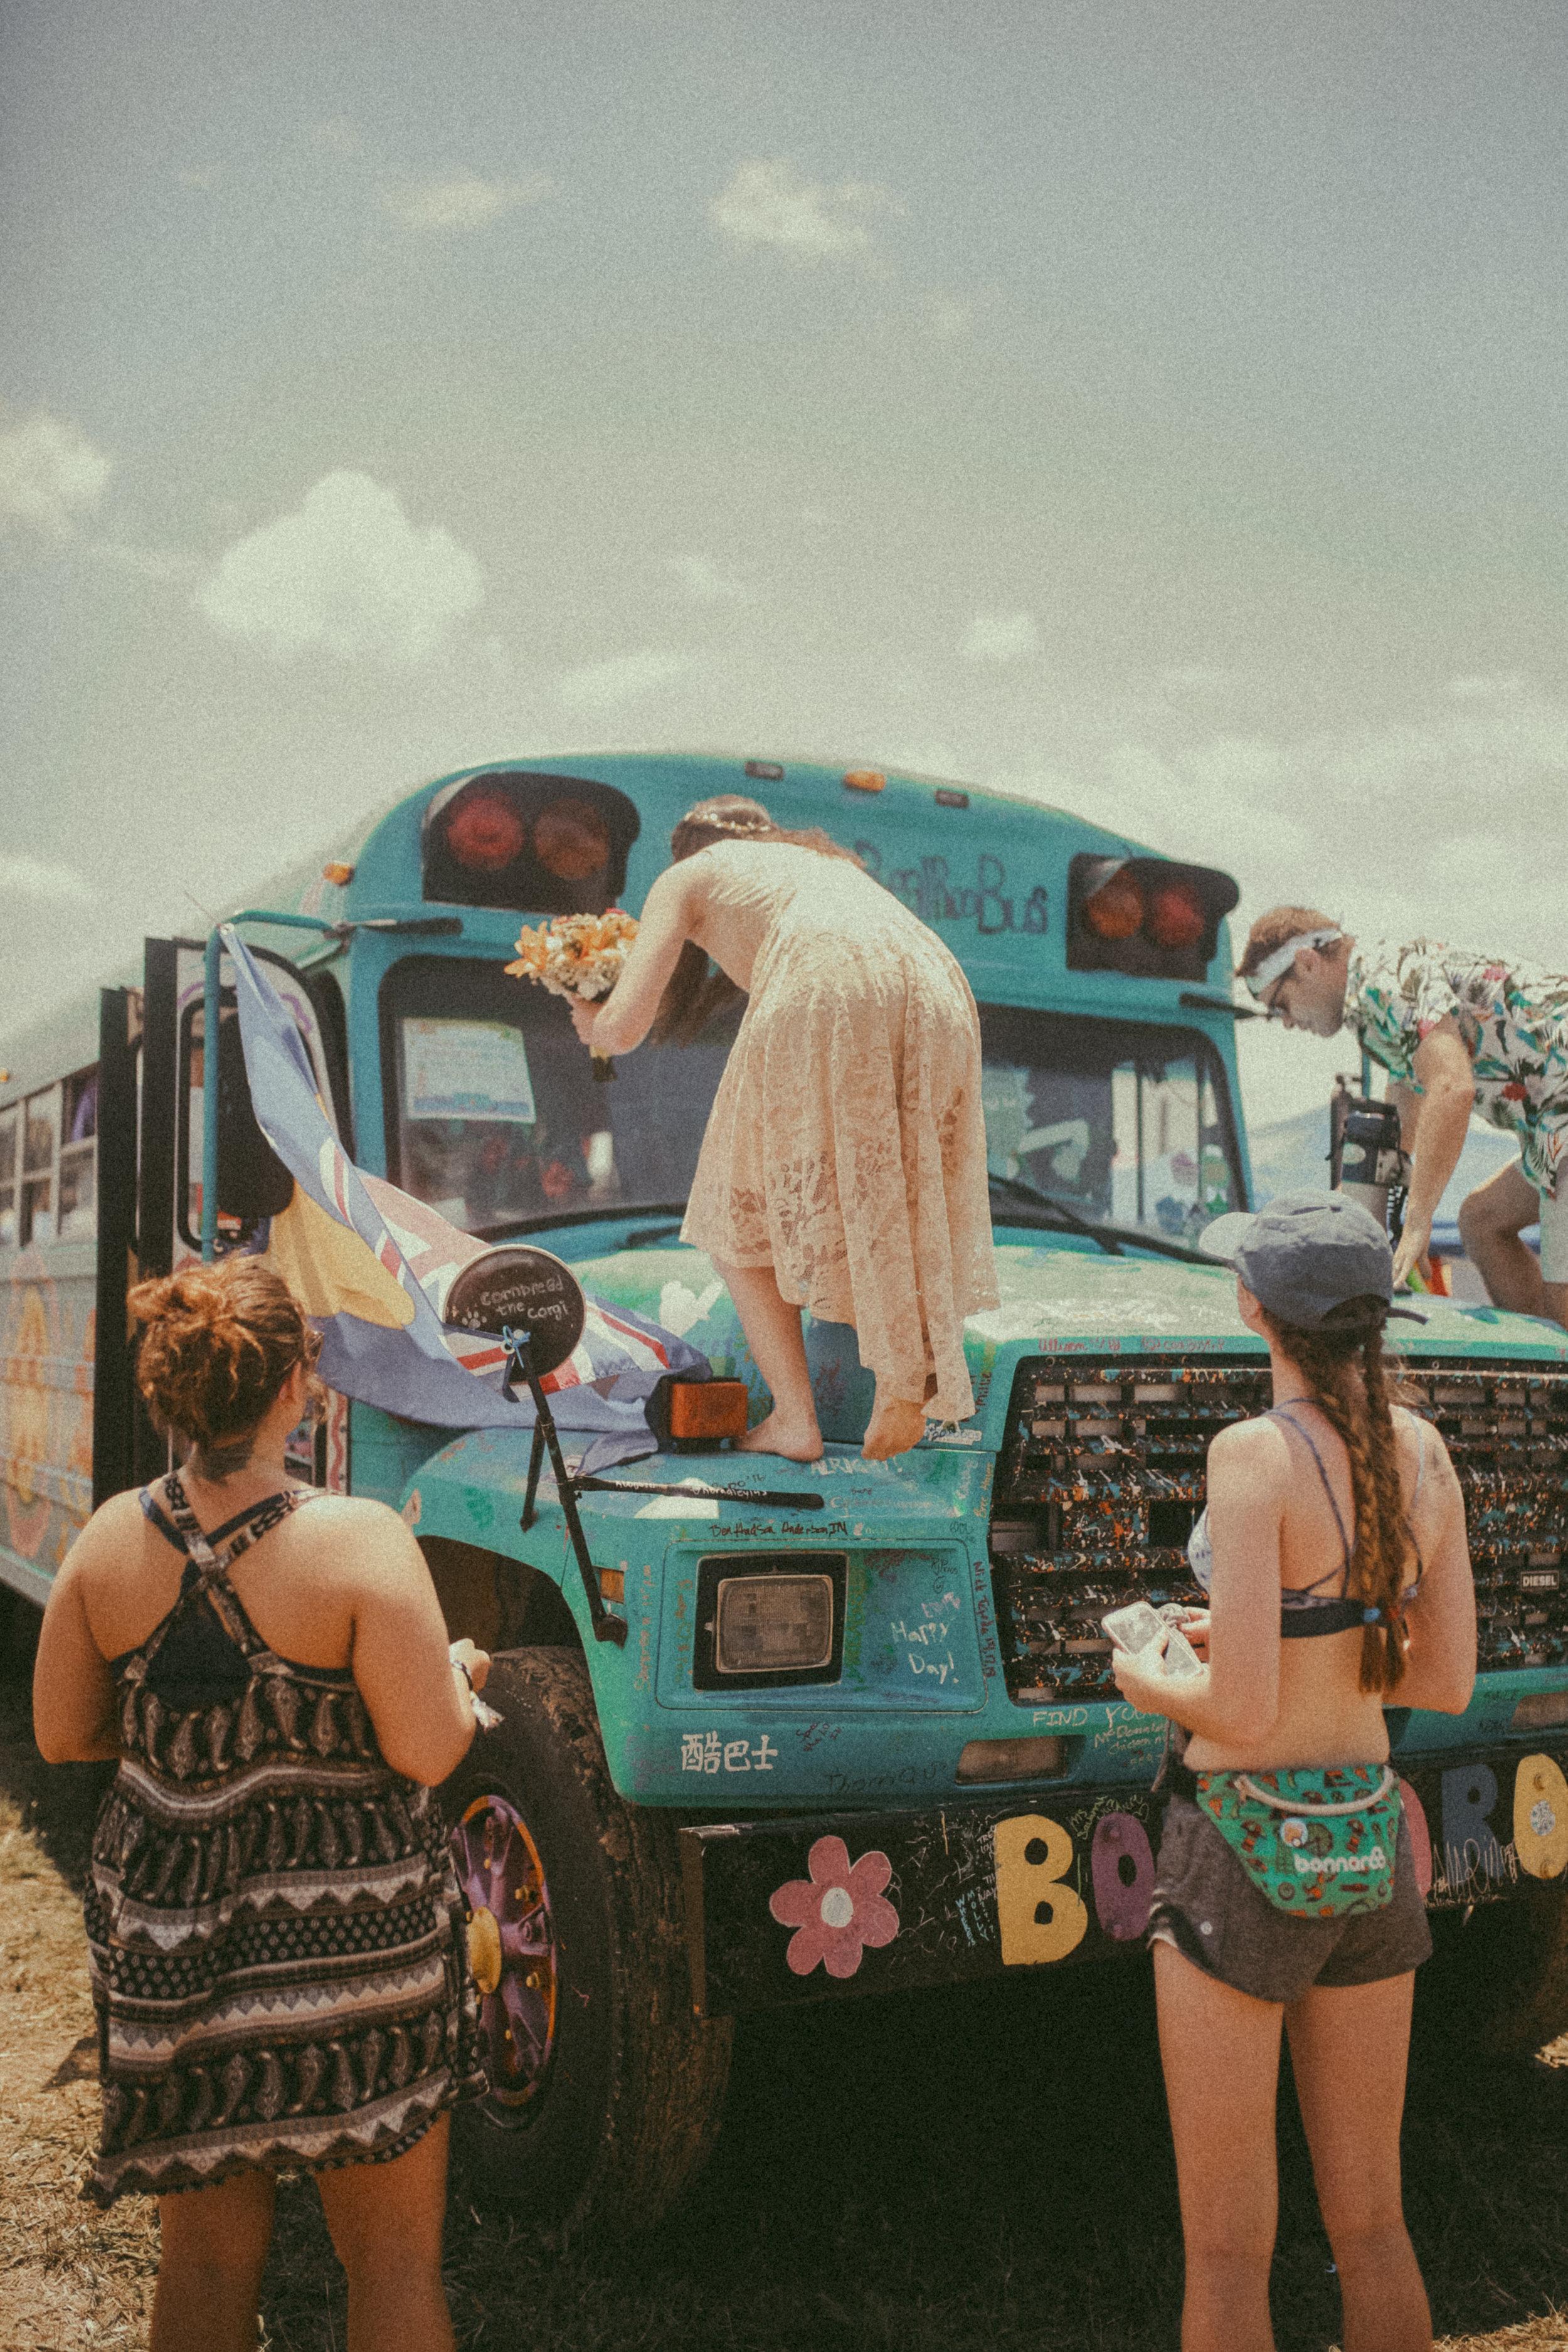 Bonnaroo-MusicFestivalWedding-Brittany&Kevin-9.jpg